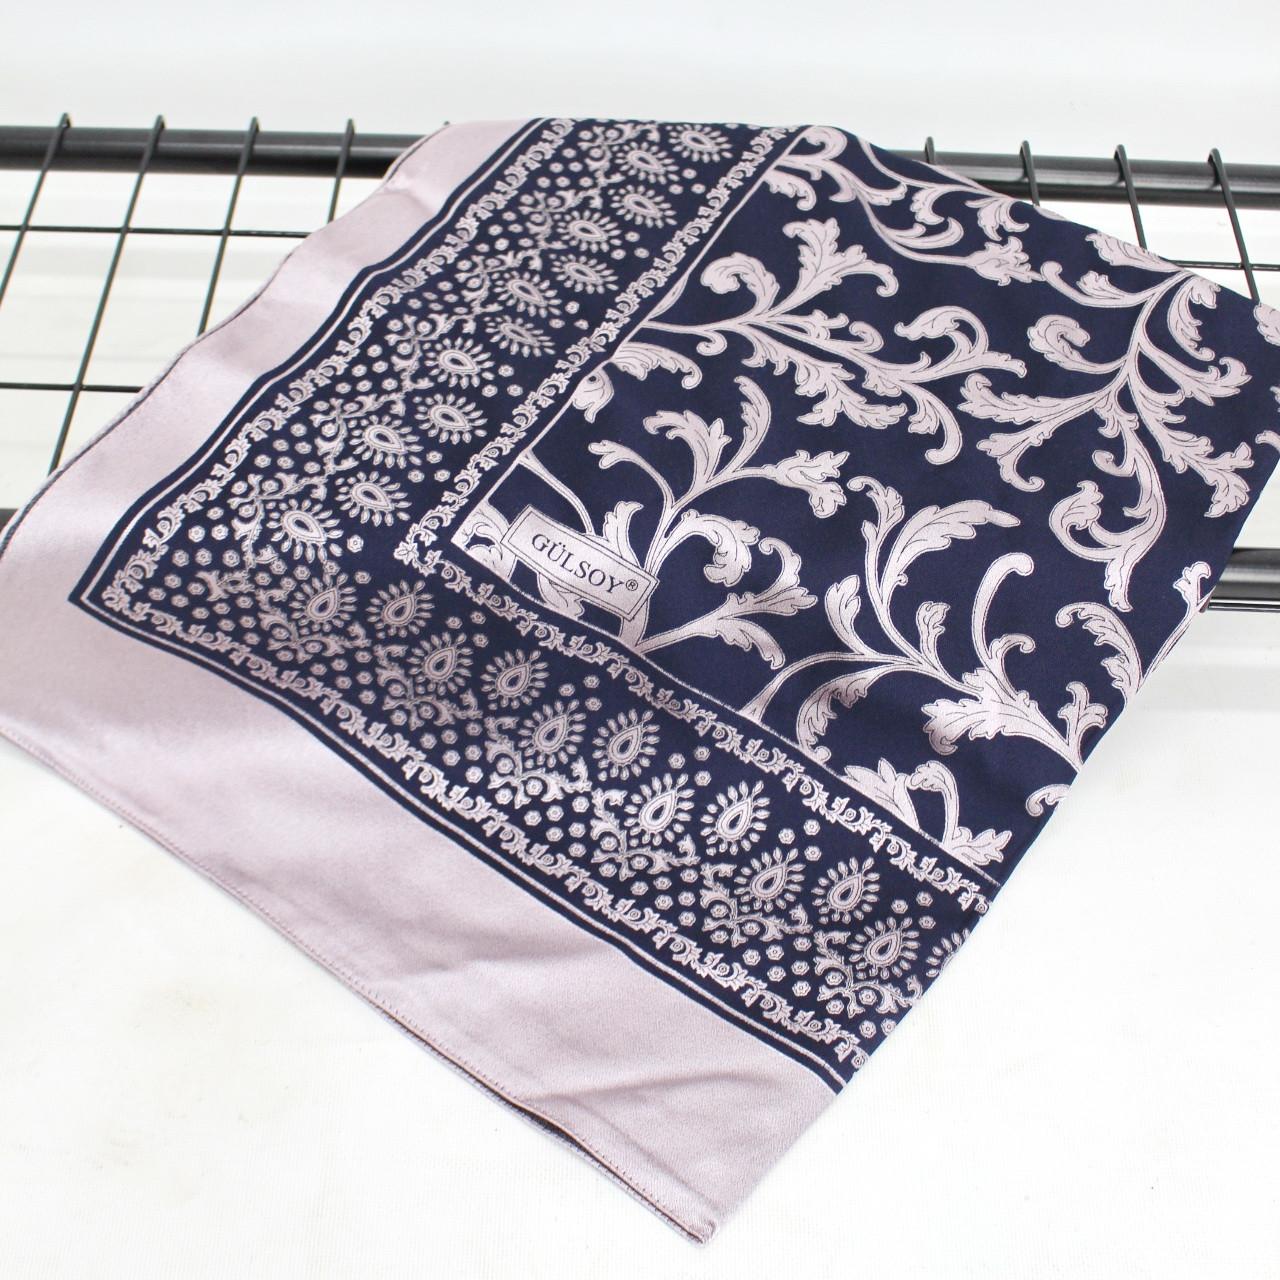 Элитный шарф палантин Gulsoy 167007